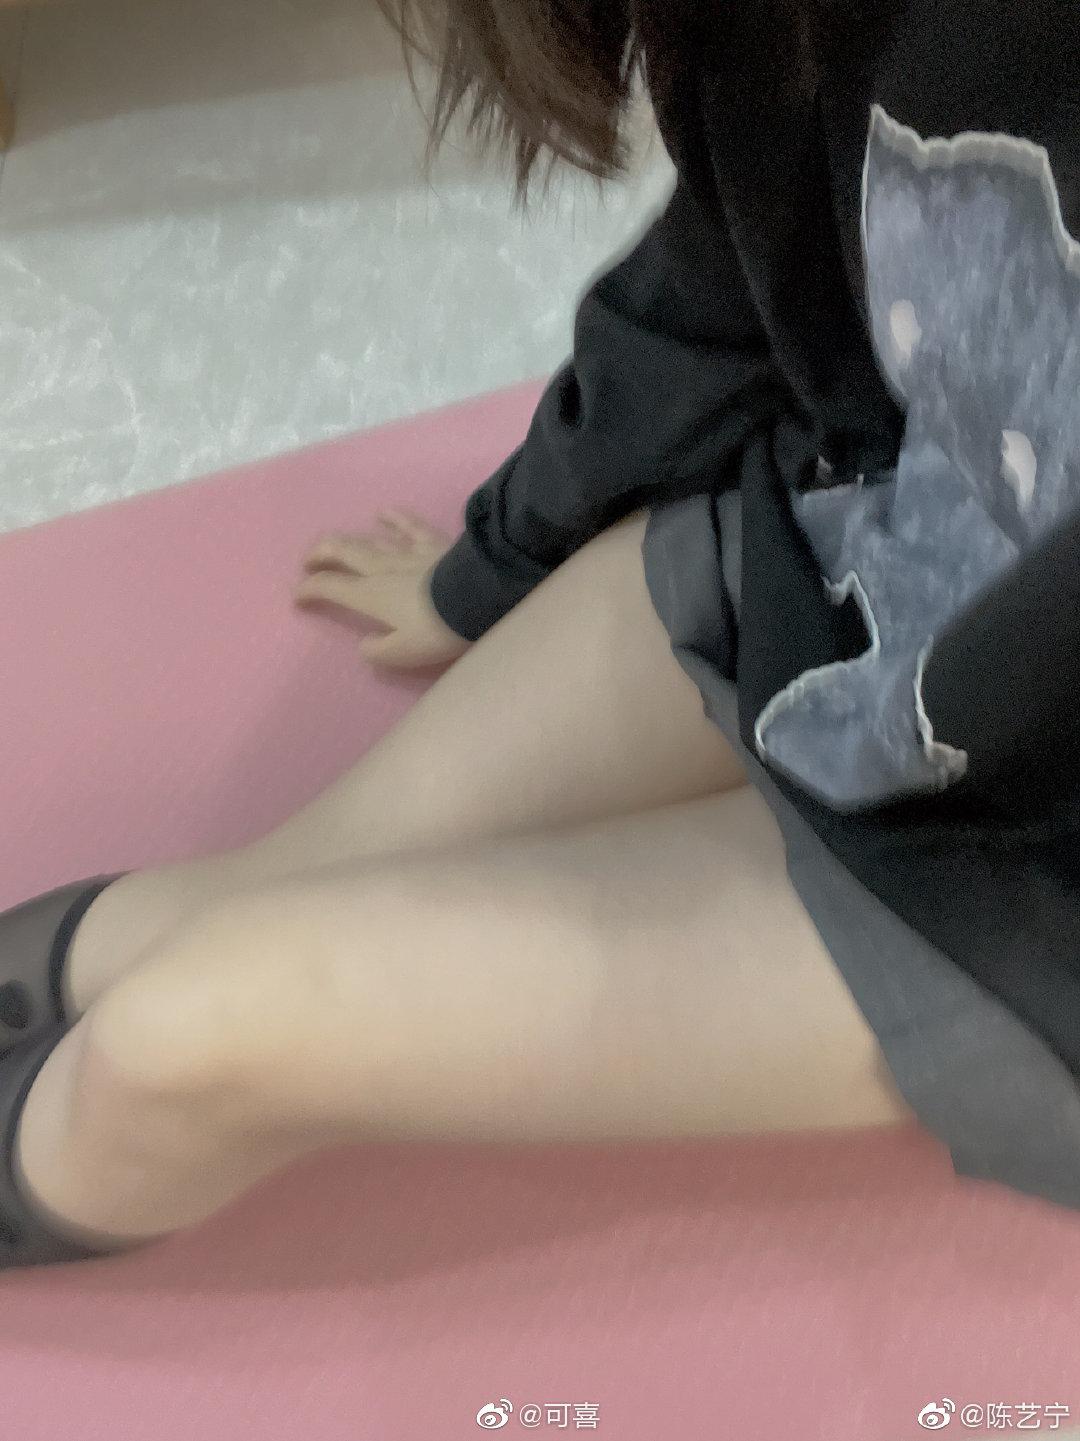 公主日记最近是不是又胖了?大腿都粗了美女